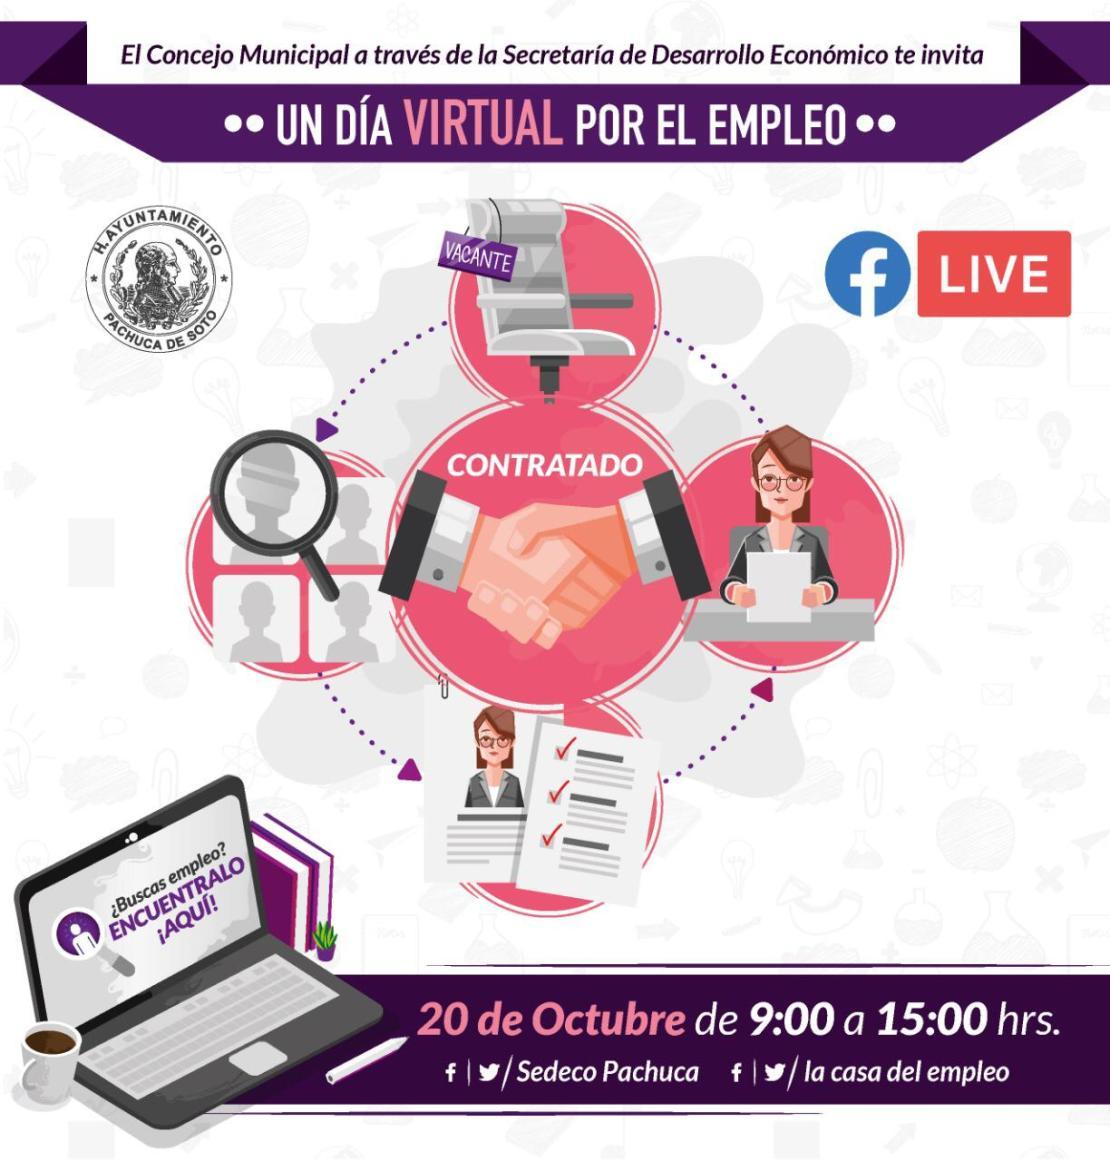 ¿Buscas trabajo? Habrá día virtual por el empleo en Pachuca